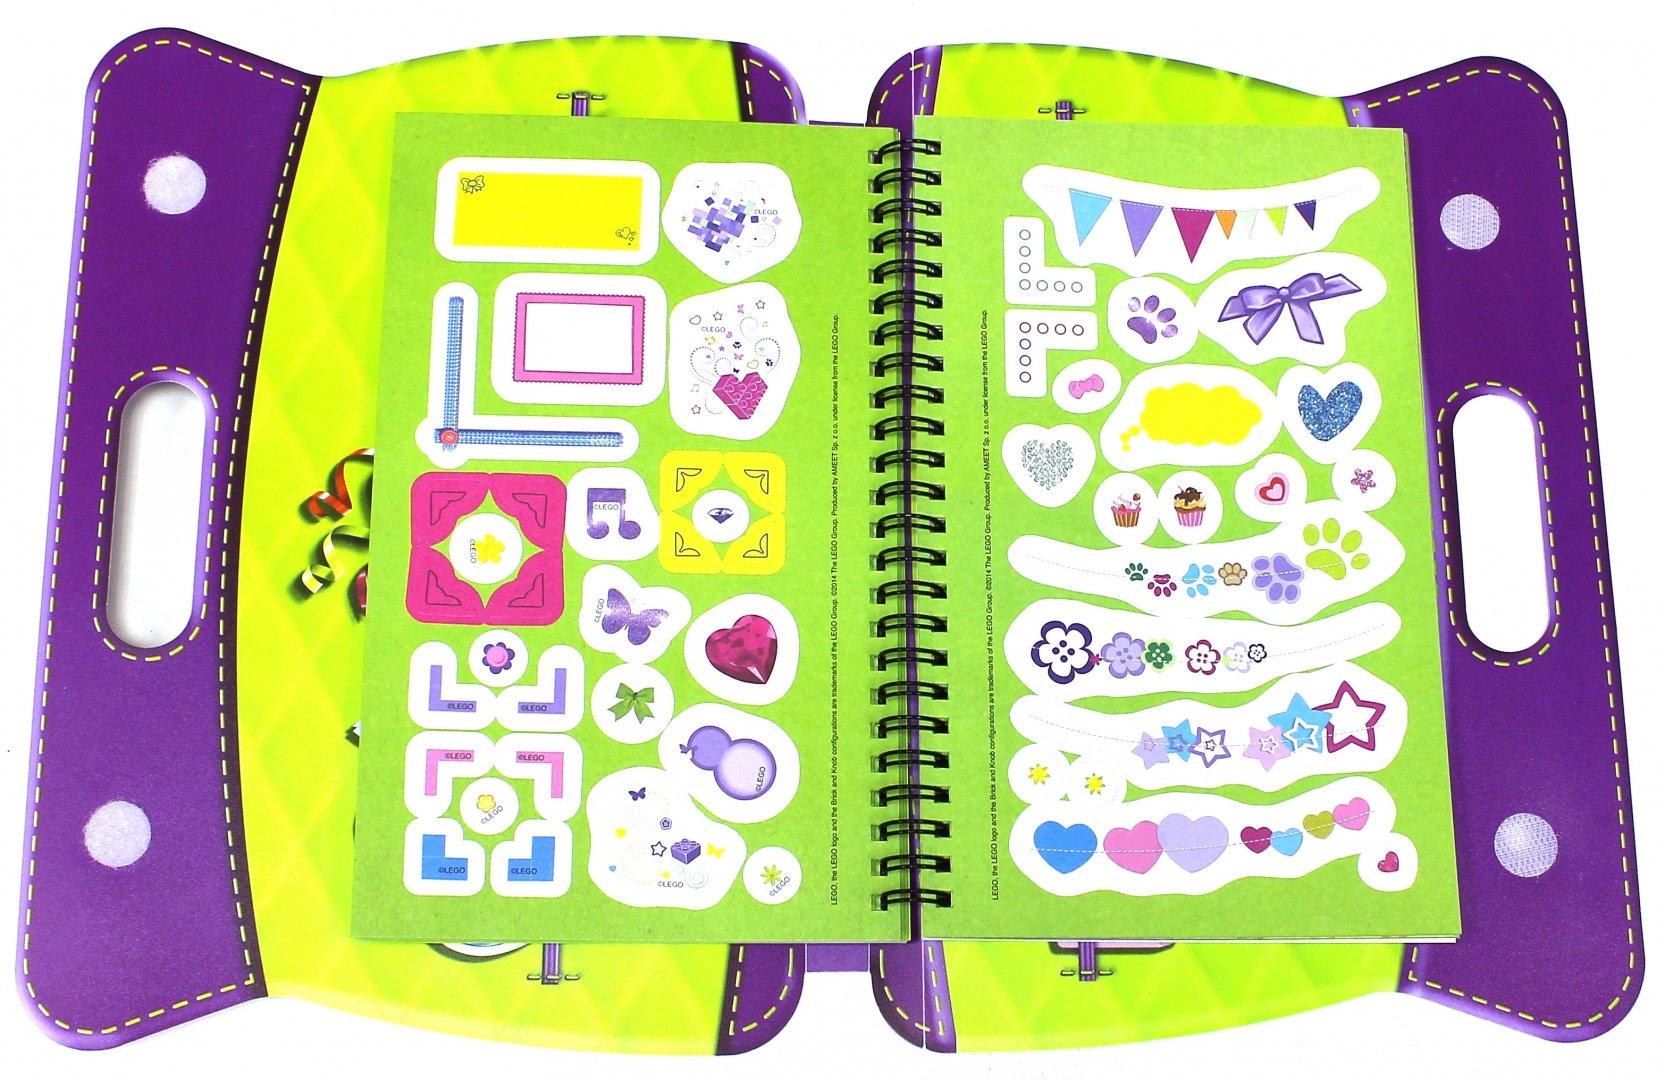 Иллюстрация 1 из 14 для Создай свой альбом (сумочка) | Лабиринт - игрушки. Источник: Лабиринт